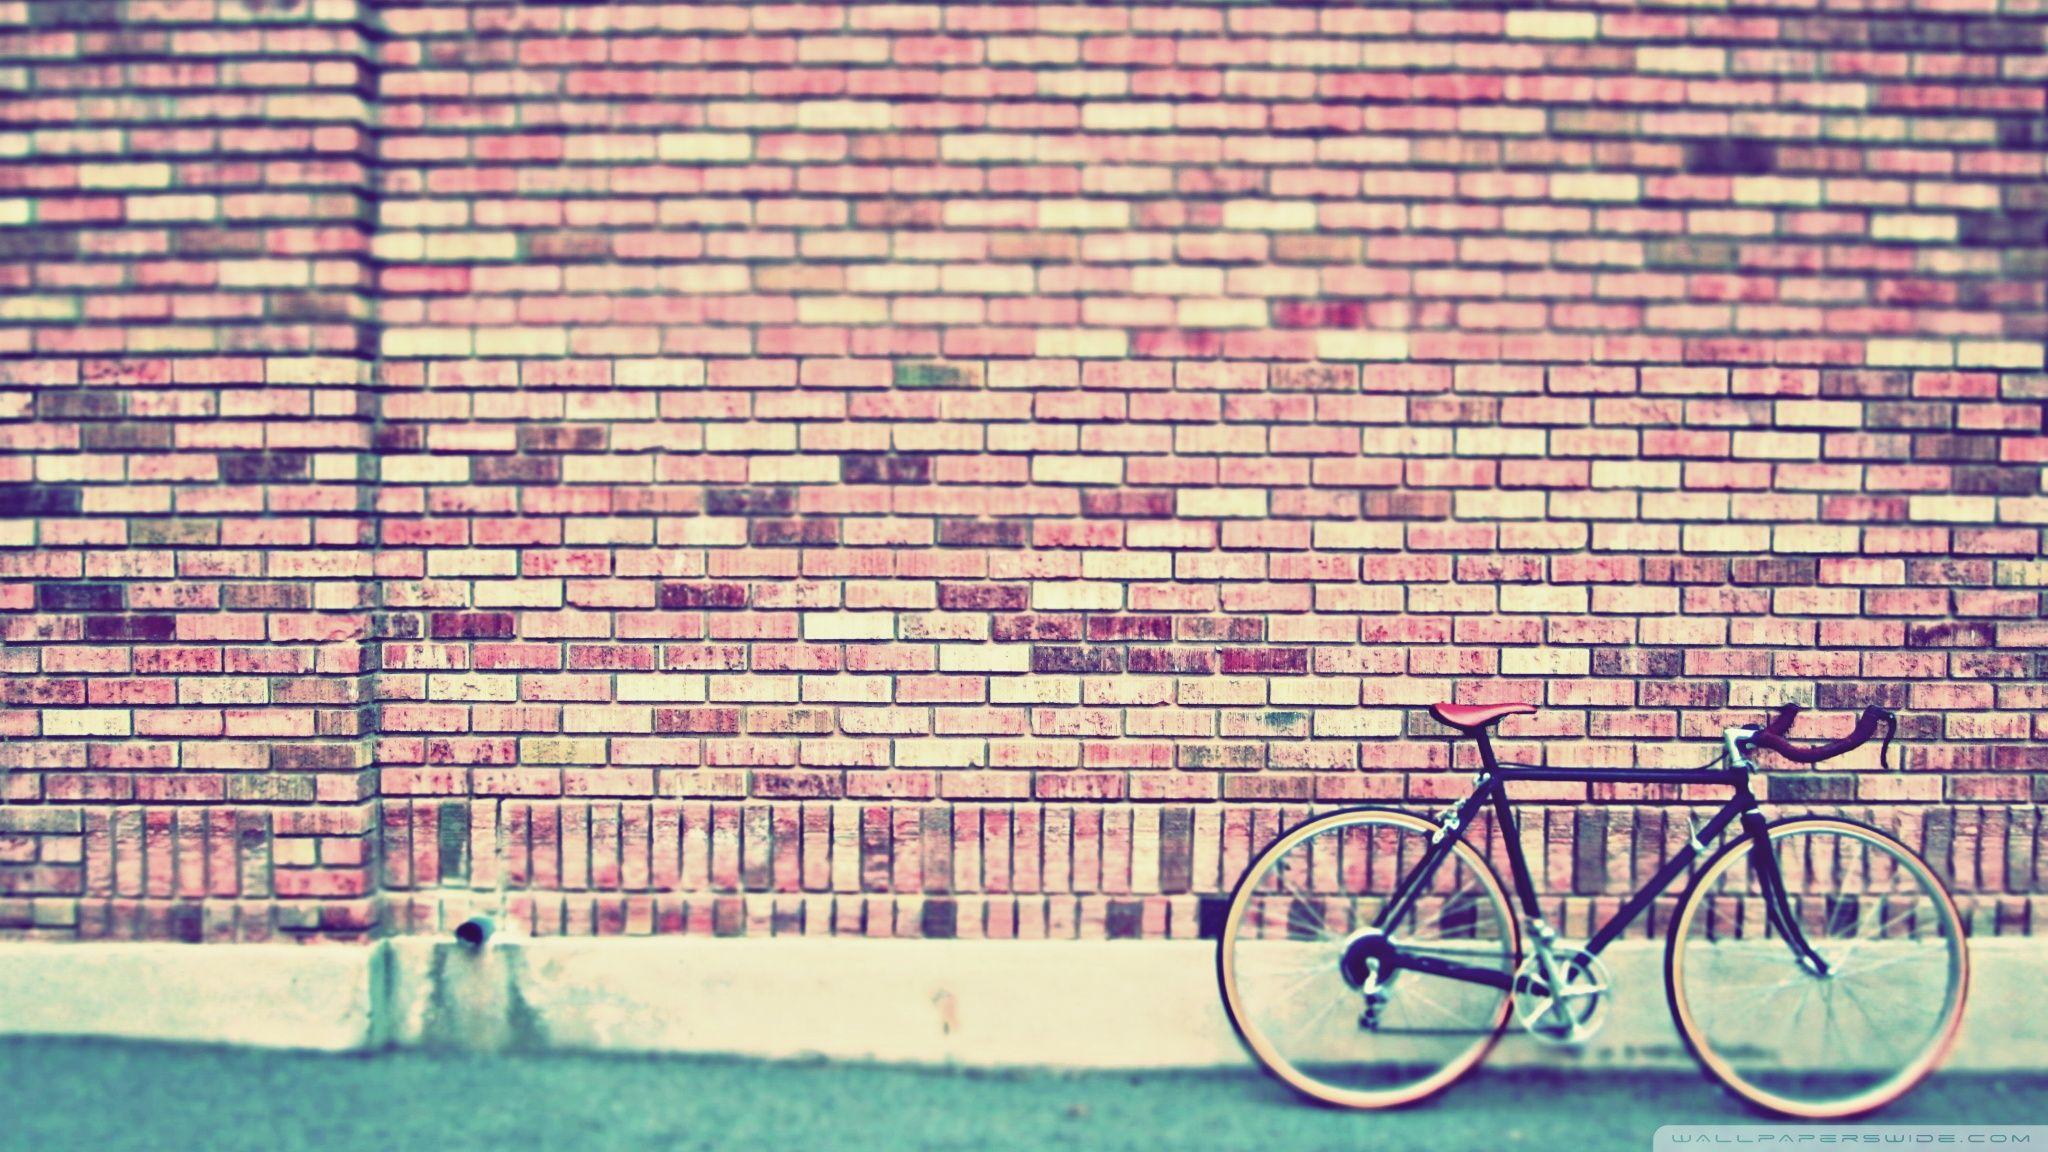 Vintage Velo Bike Wallpaper Android Jpg 2048 1152 Fond D Ecran Hipster Fond Ecran Vintage Arriere Plans Vintage